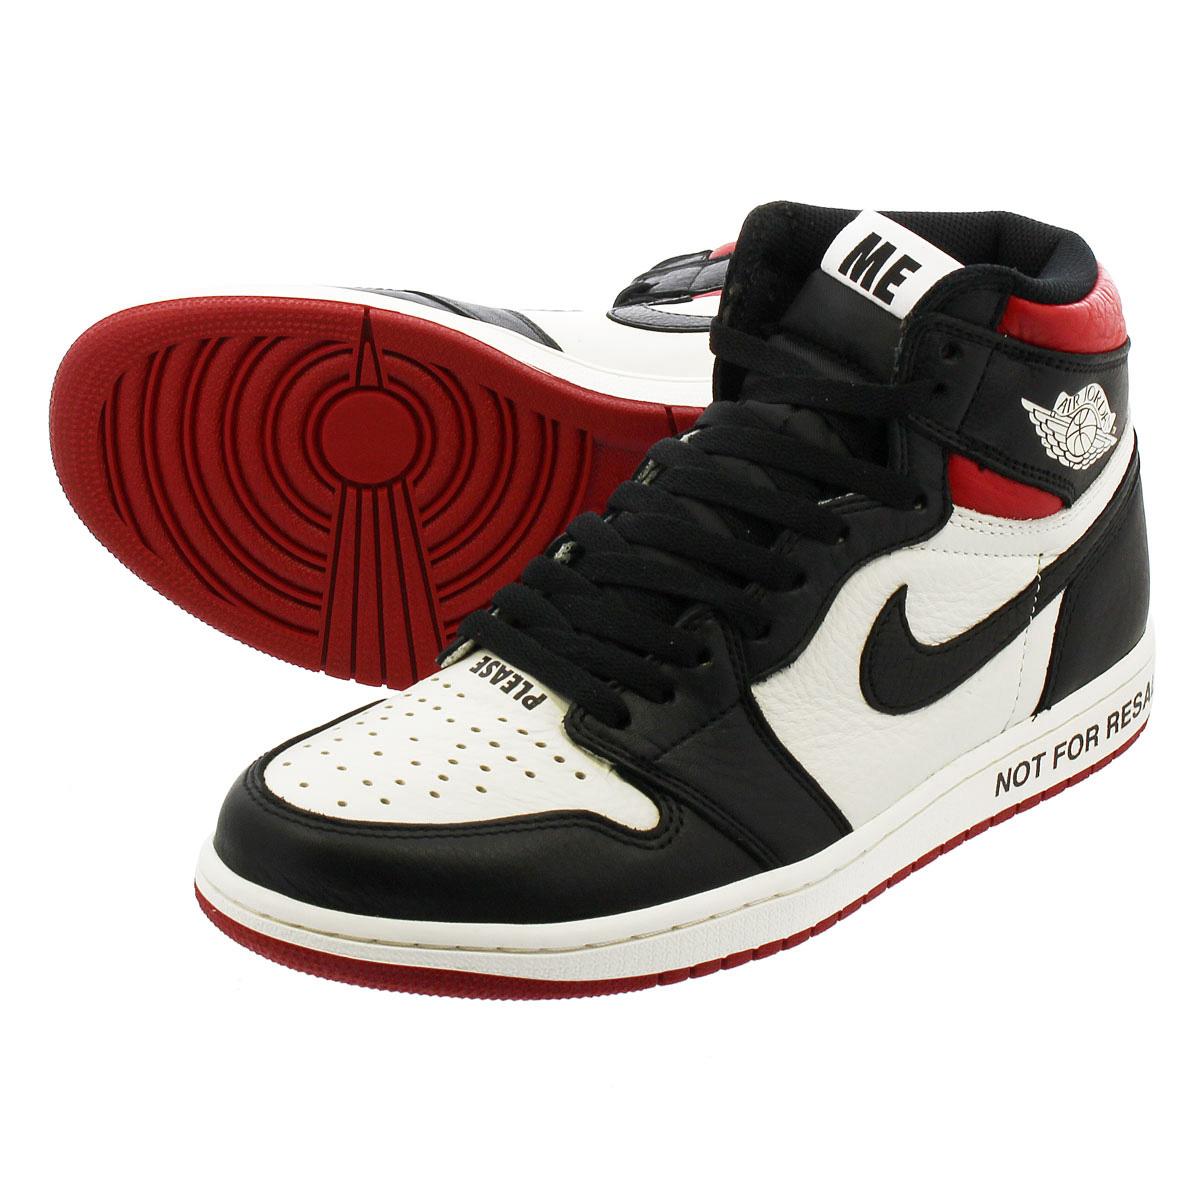 b4ff1f601ed8f9 NIKE AIR JORDAN 1 RETRO HIGH OG Nike Air Jordan 1 nostalgic high OG  SAIL BLACK VARSITY RED 861